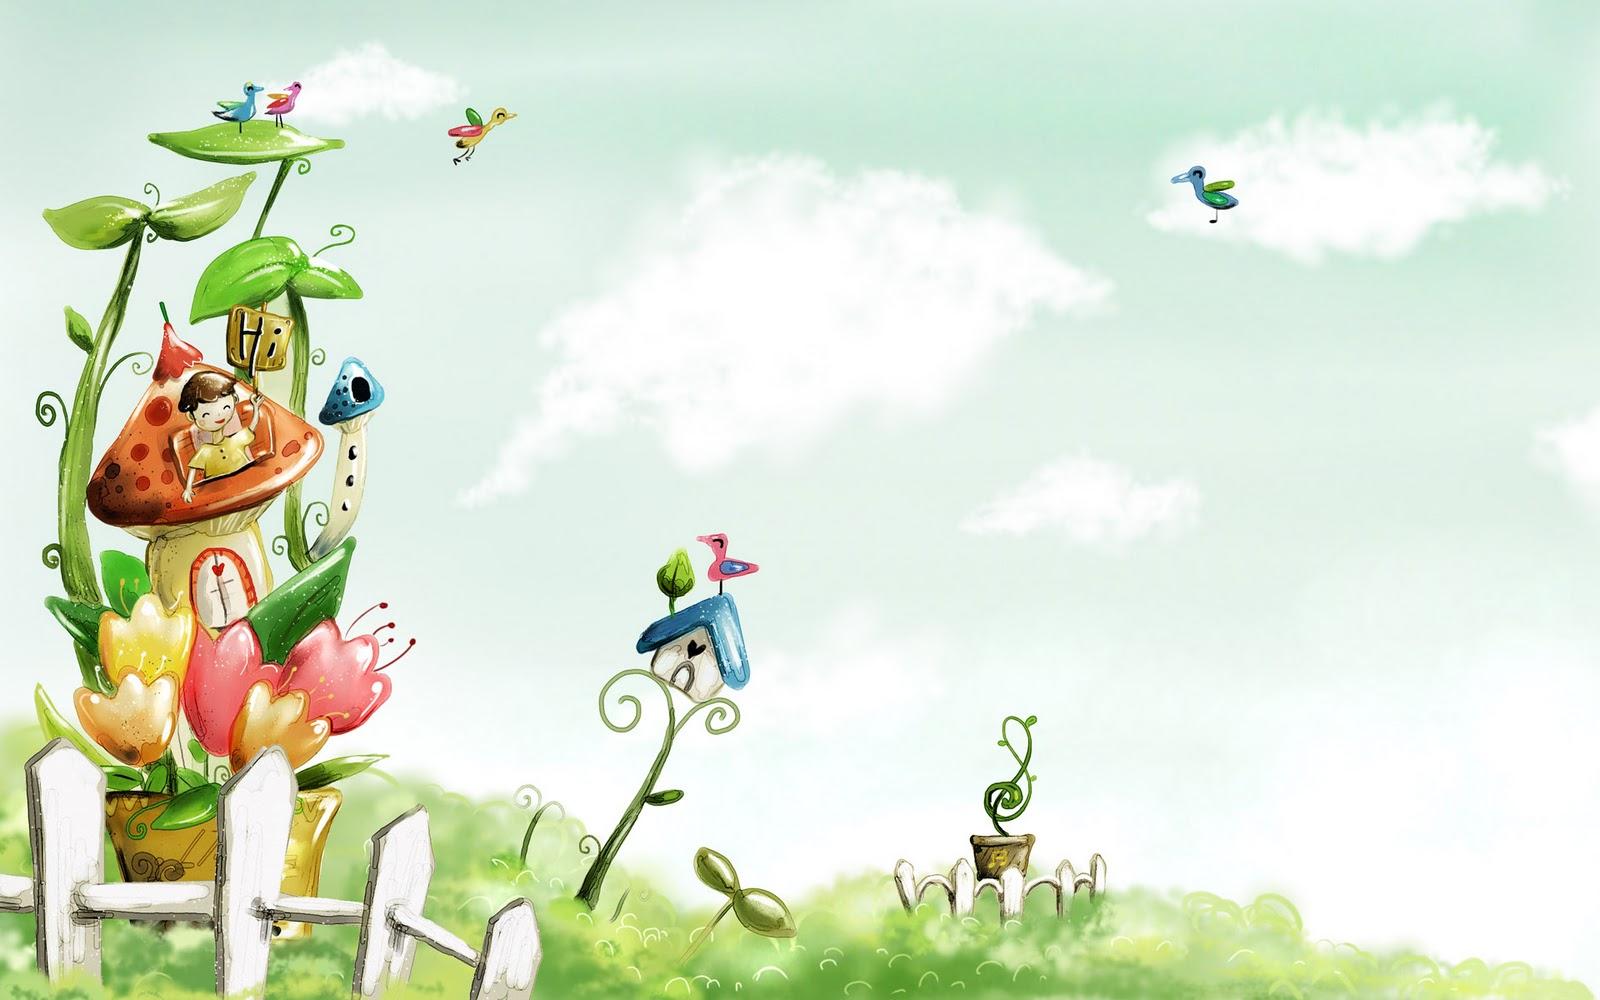 syukur anda wallpaper galleries: wallpapers for free download cartoons